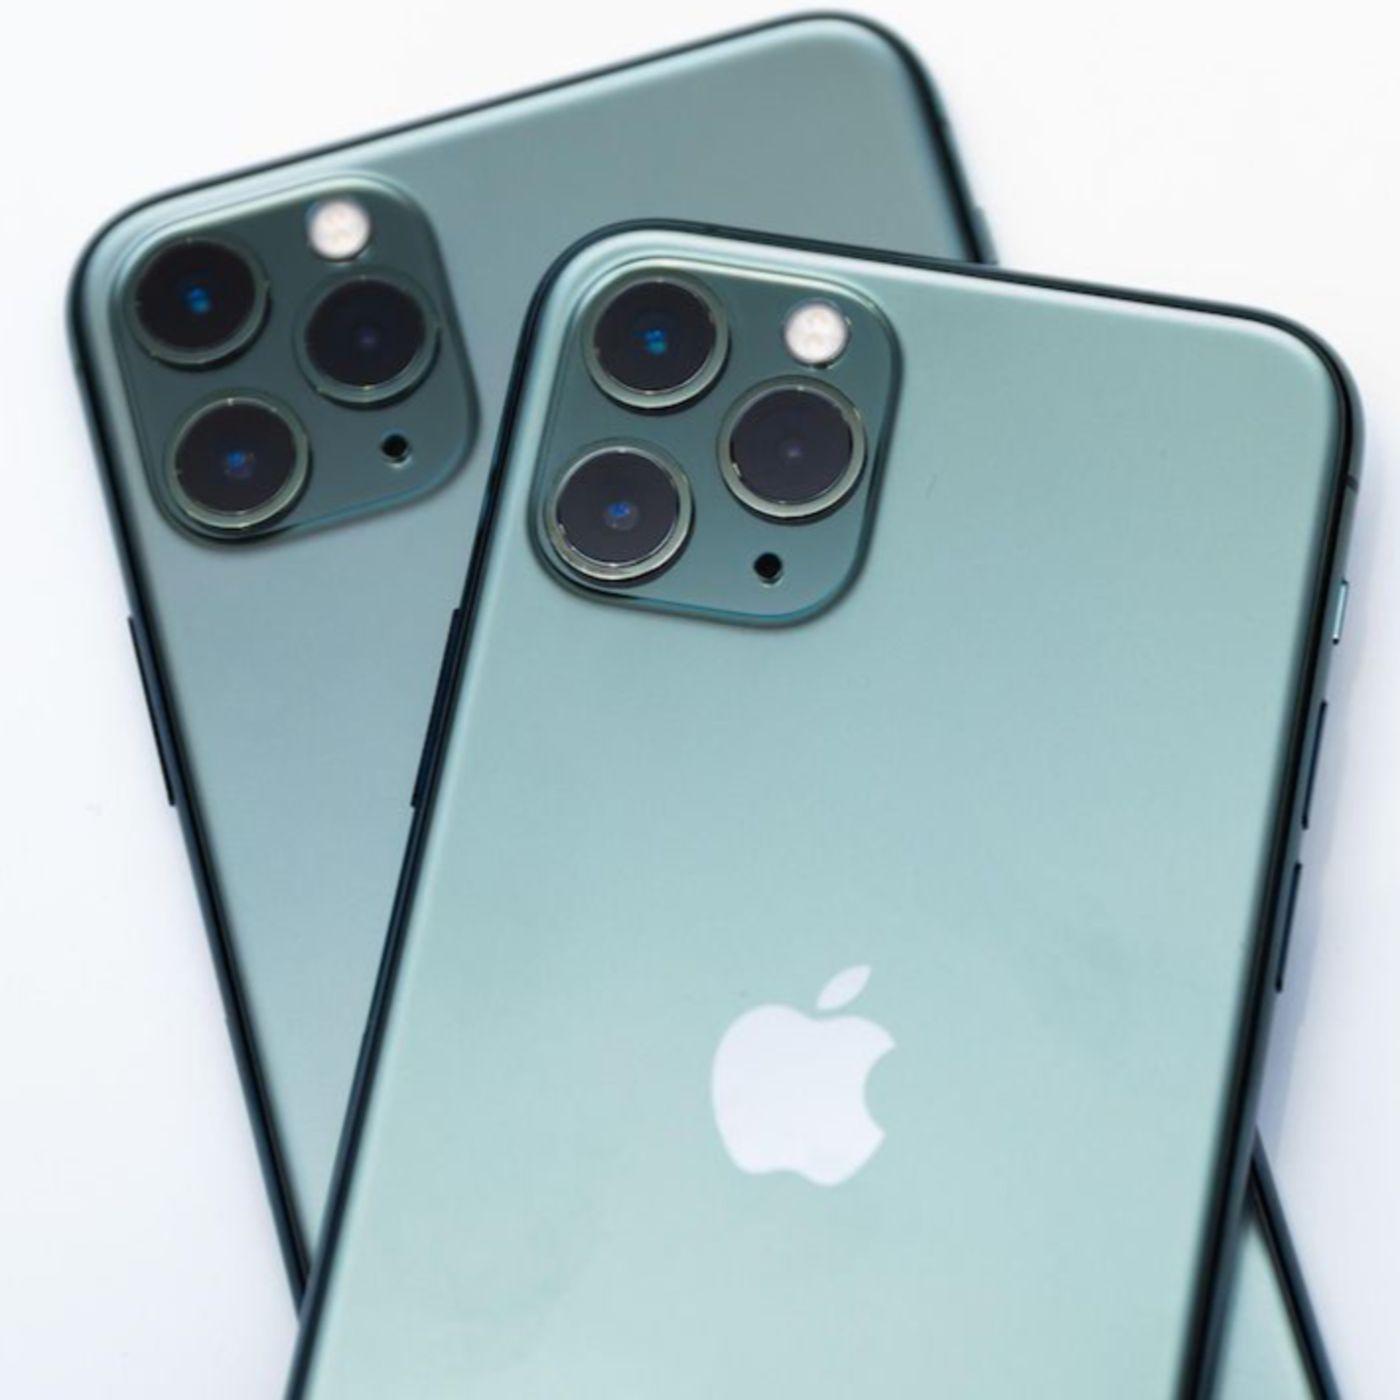 Recensione iPhone 11 e iPhone 11 Pro: tutto quello che serve sapere